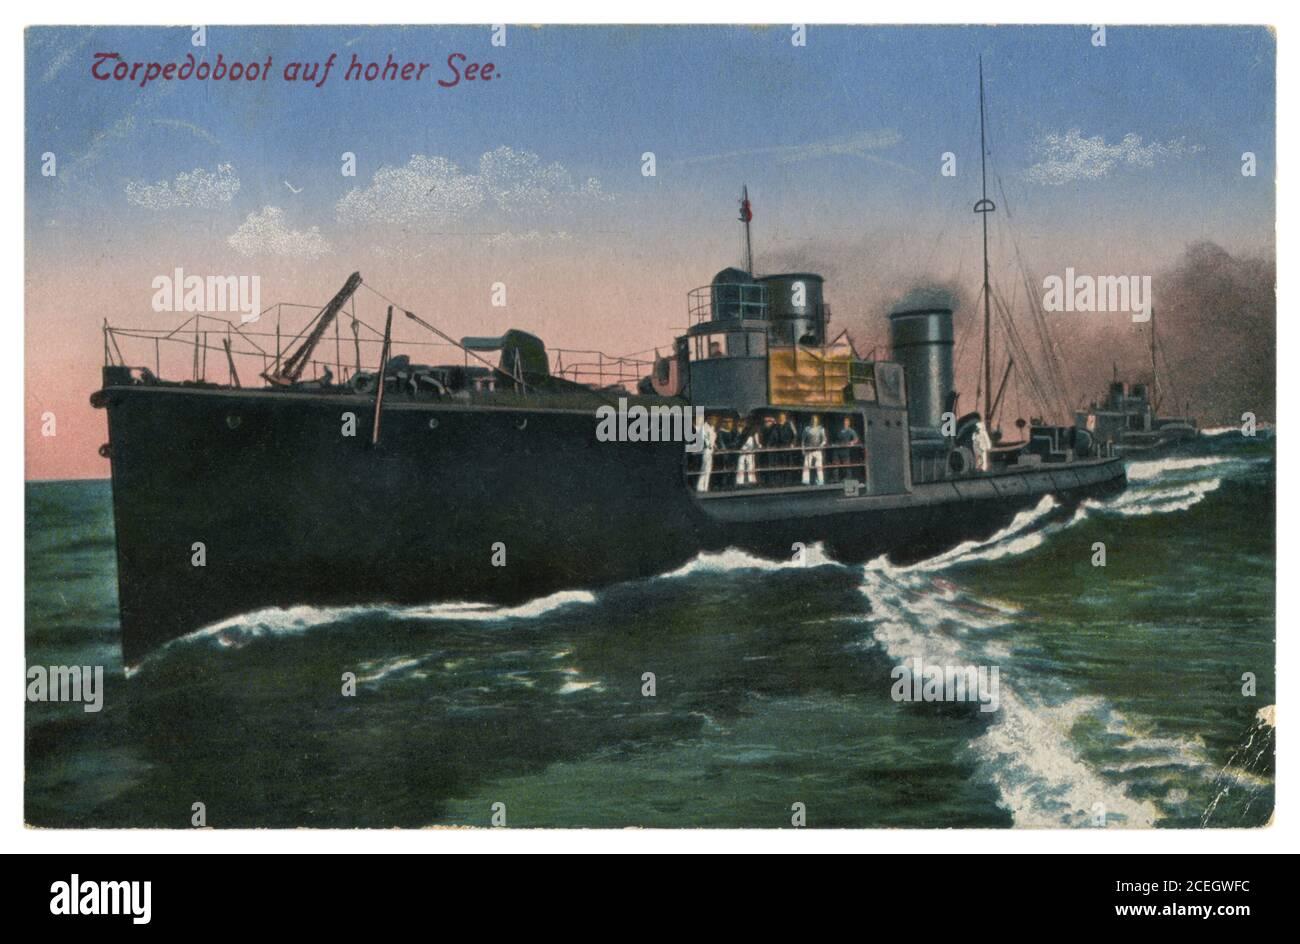 Carte postale photo colorisée historique allemande : bateau de torpille sur une grande vague en mer, Marine impériale allemande, World War One 1914-1918. Banque D'Images